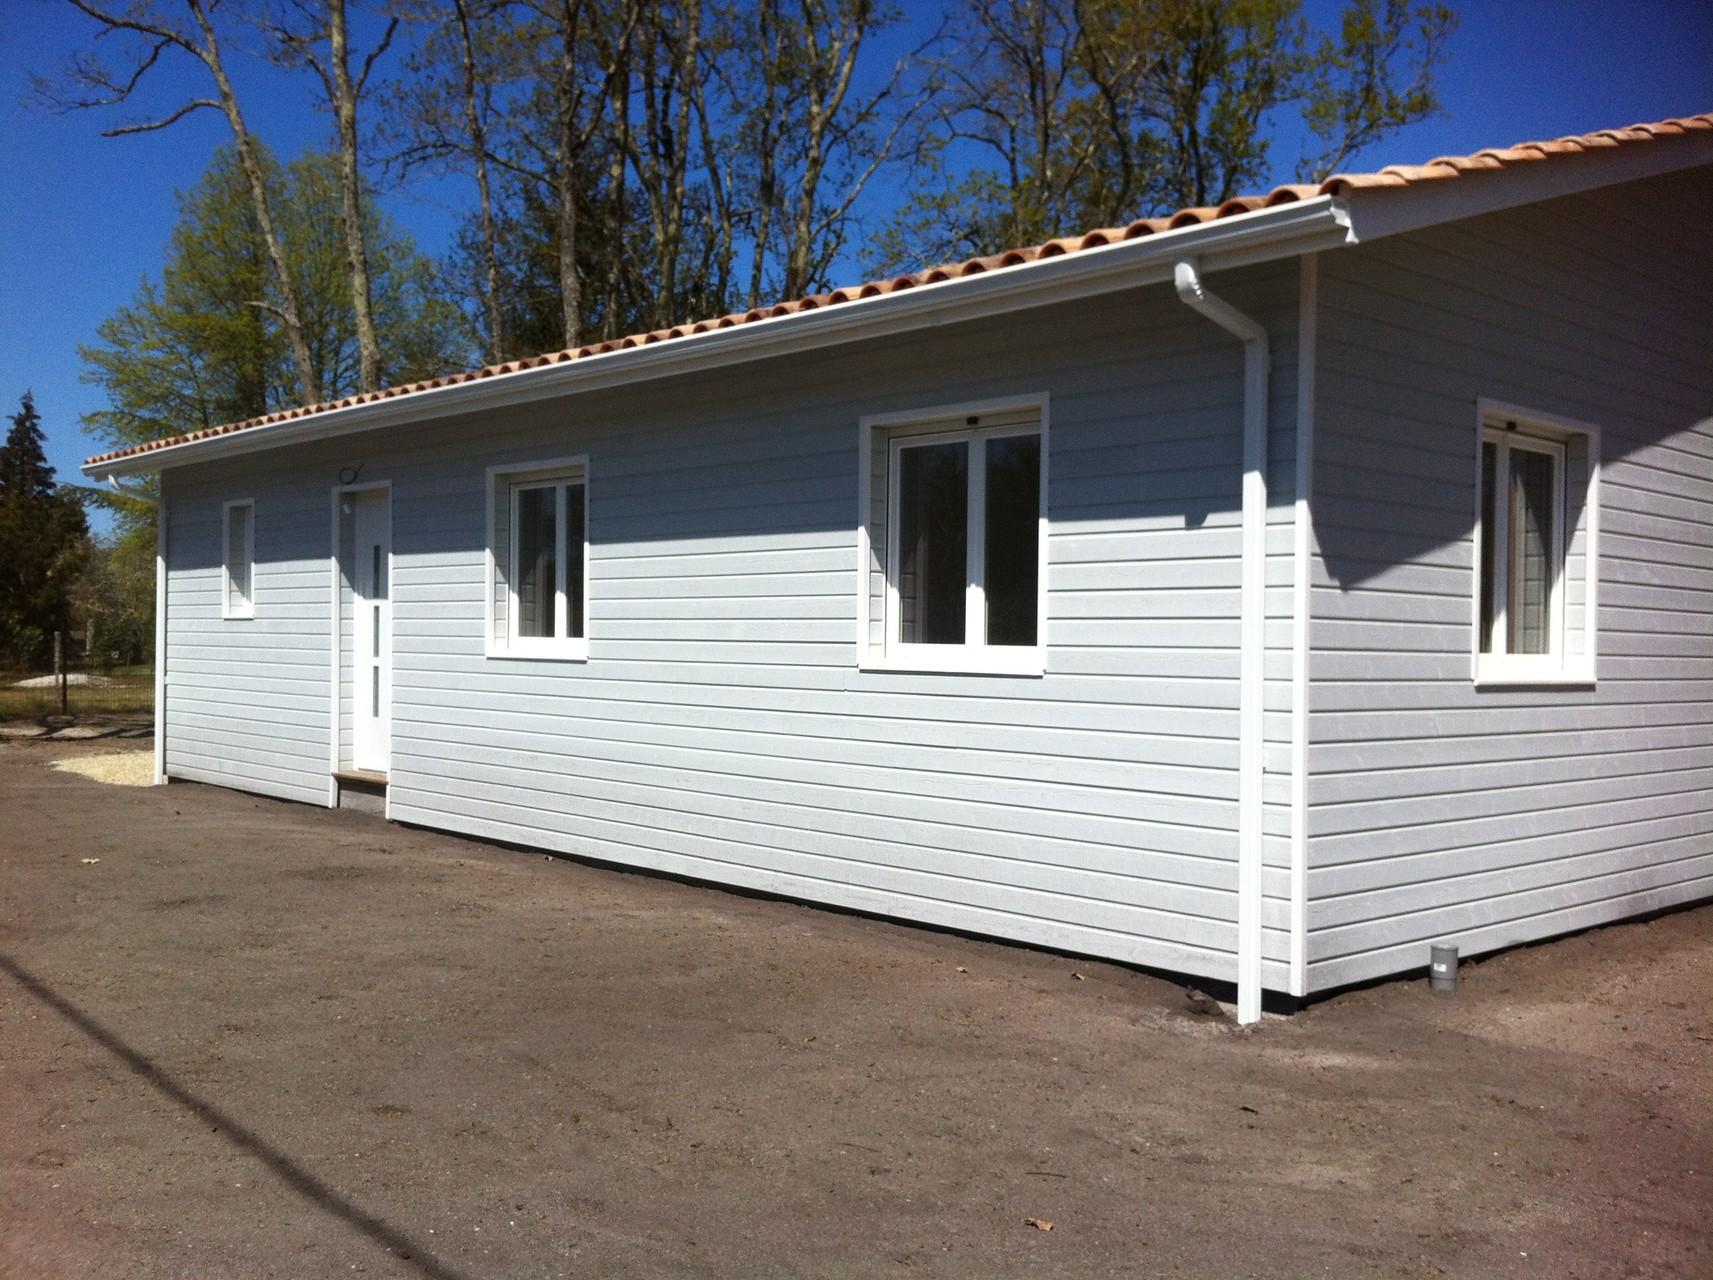 Maison toit plat Marcheprime HAPPY HOME 33 Construction Maisons Bois en Gironde # Construction Bois Gironde